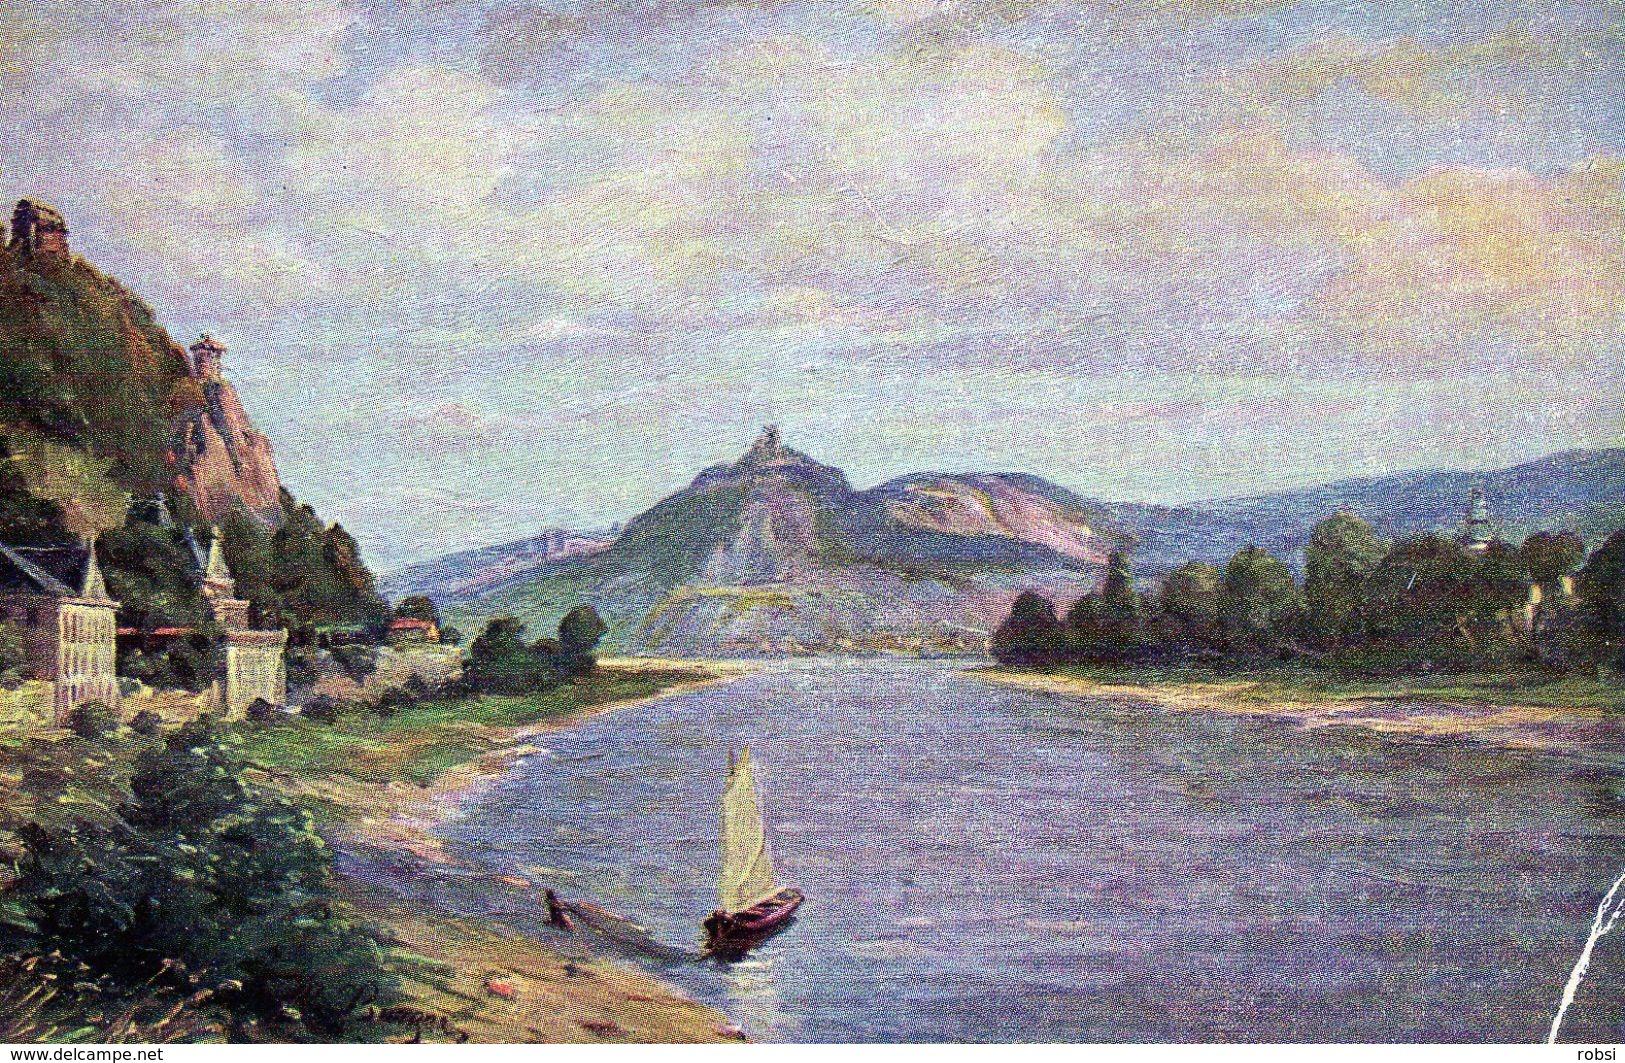 Deutschland Rhein, Rolandseck Drachenfels N 5311, Rhin - Koenigswinter